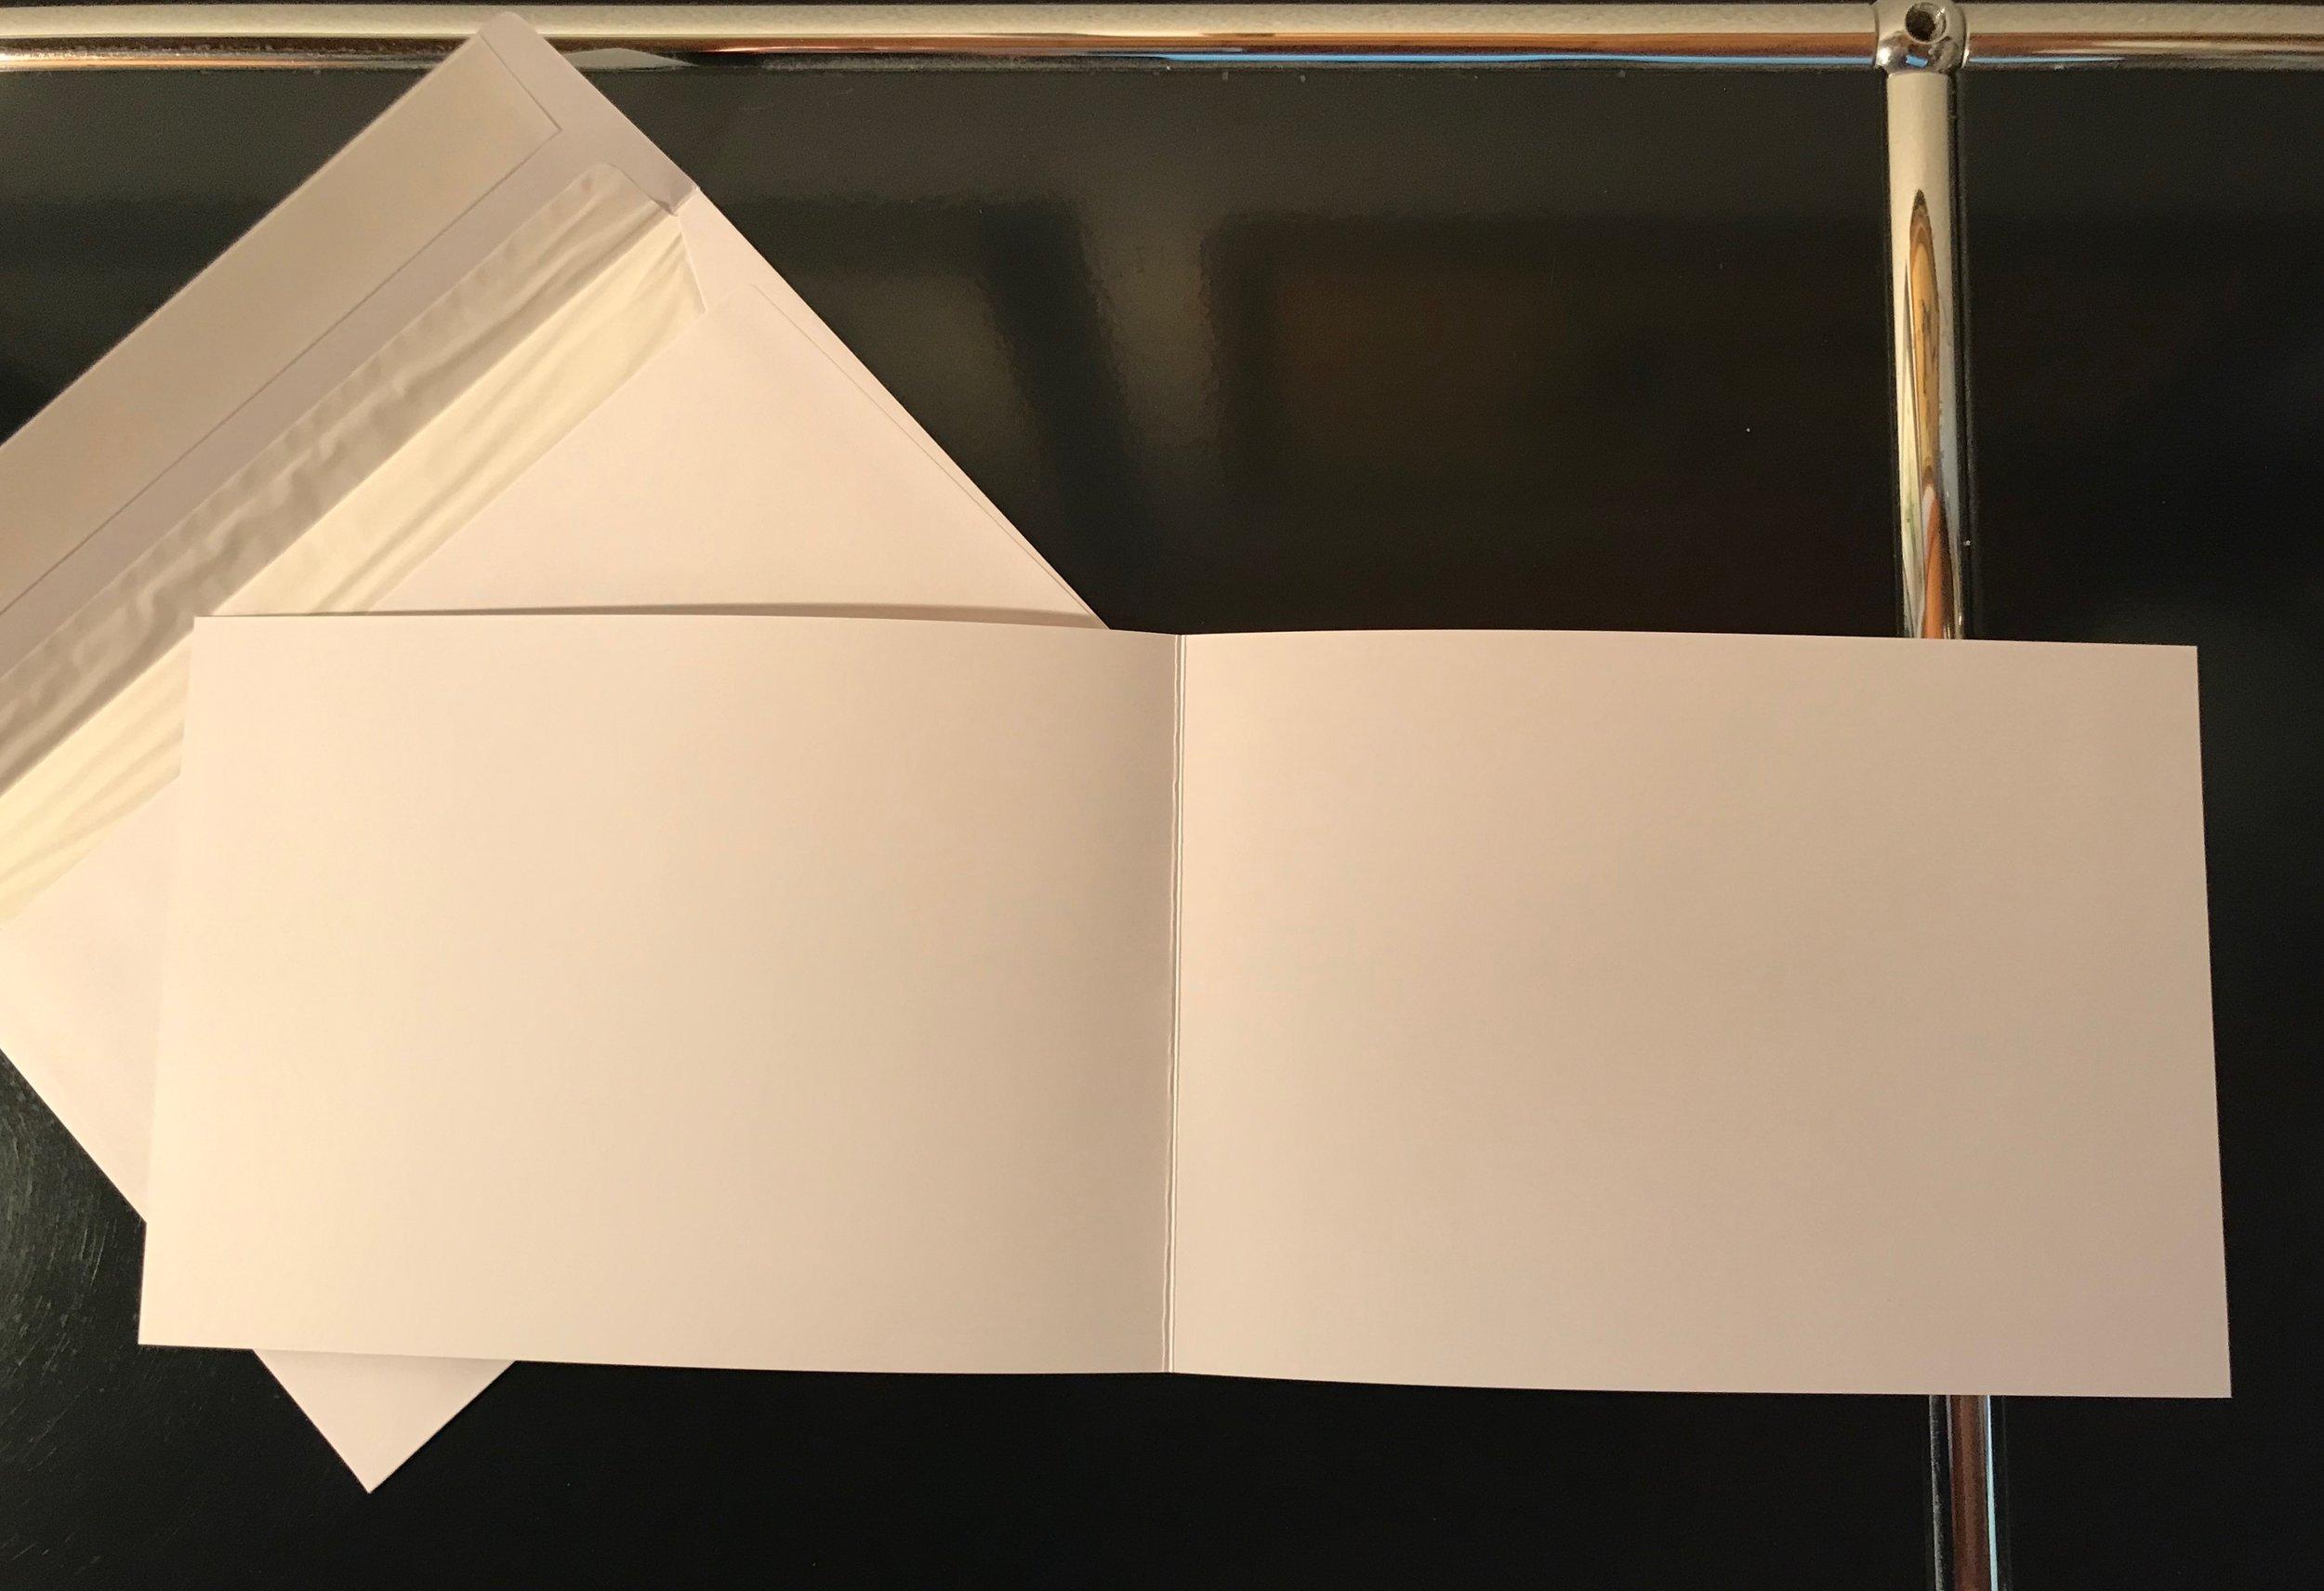 Karten A5 quer links gefalten   Einlageblatt links gefalten oder einfach  Couvert mit Seidenpapier gefüttert  mit Spitzklappe gummiert oder  mit breitem Umschlag (Haftstreifen)